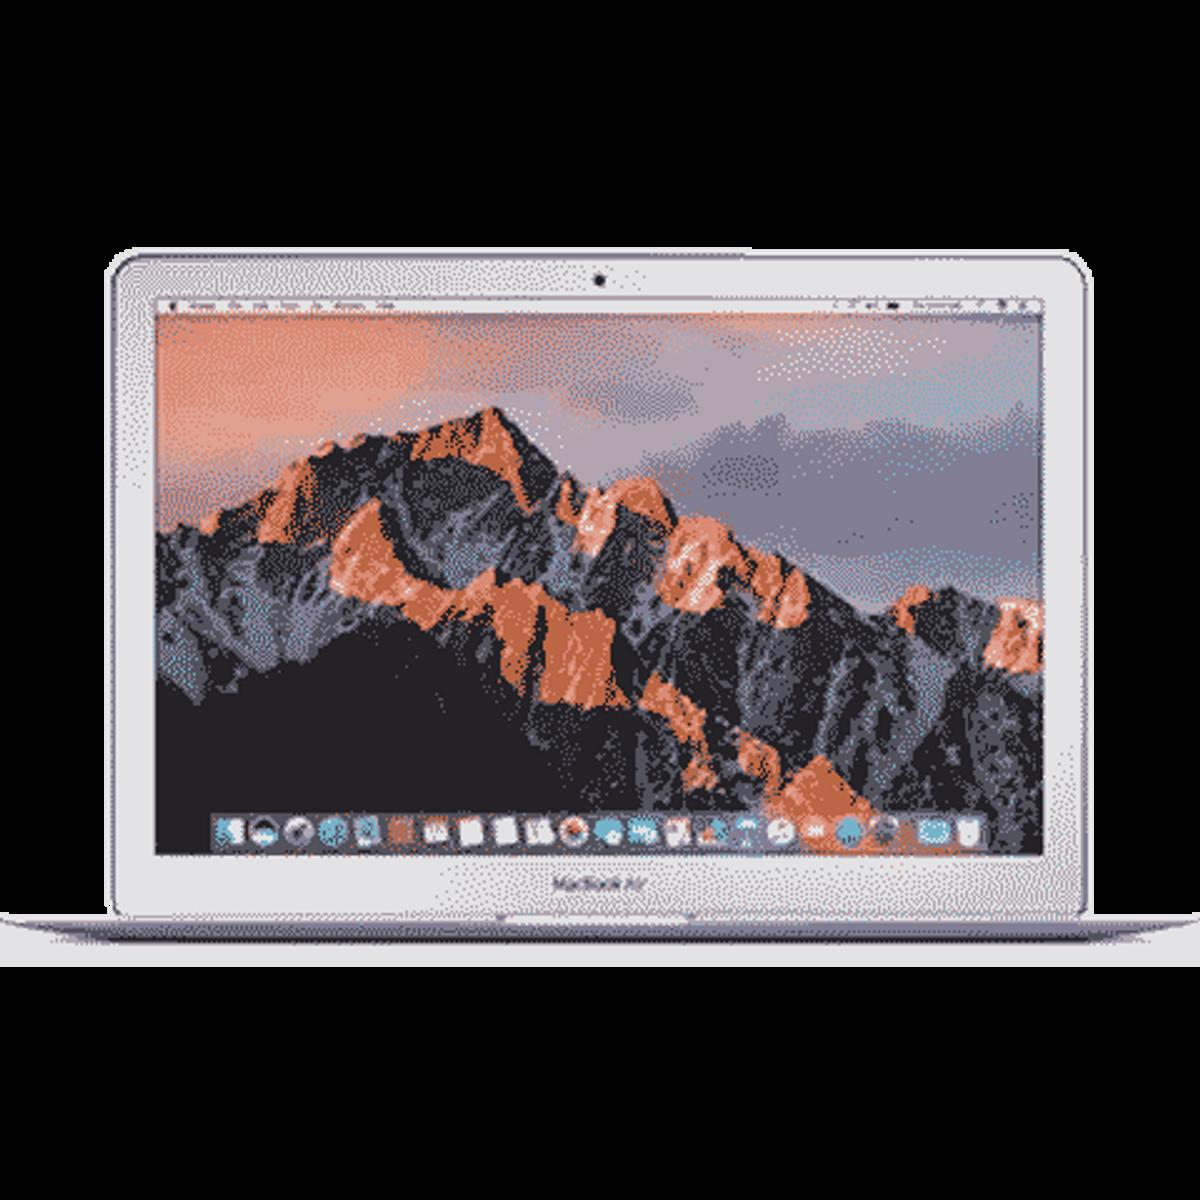 অ্যাপেল MacBook Air MQD32HN/A